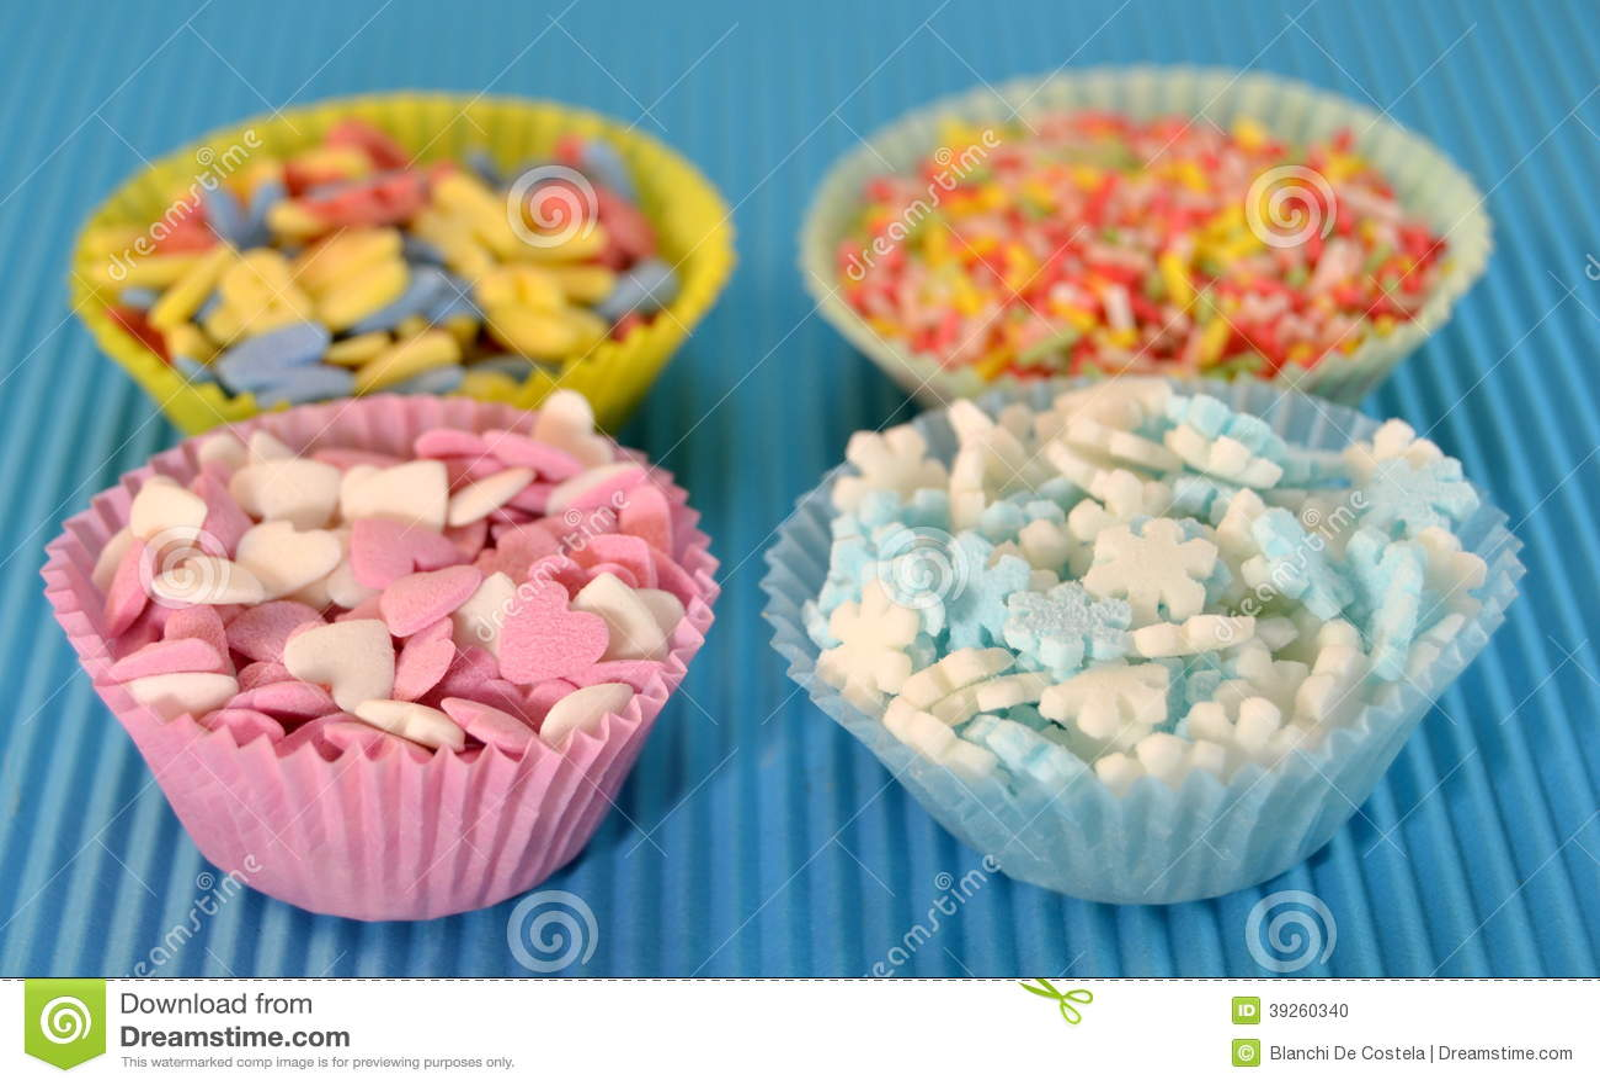 Kleine Sussigkeiten Fur Die Verzierung Von Kuchen Stockfoto Bild